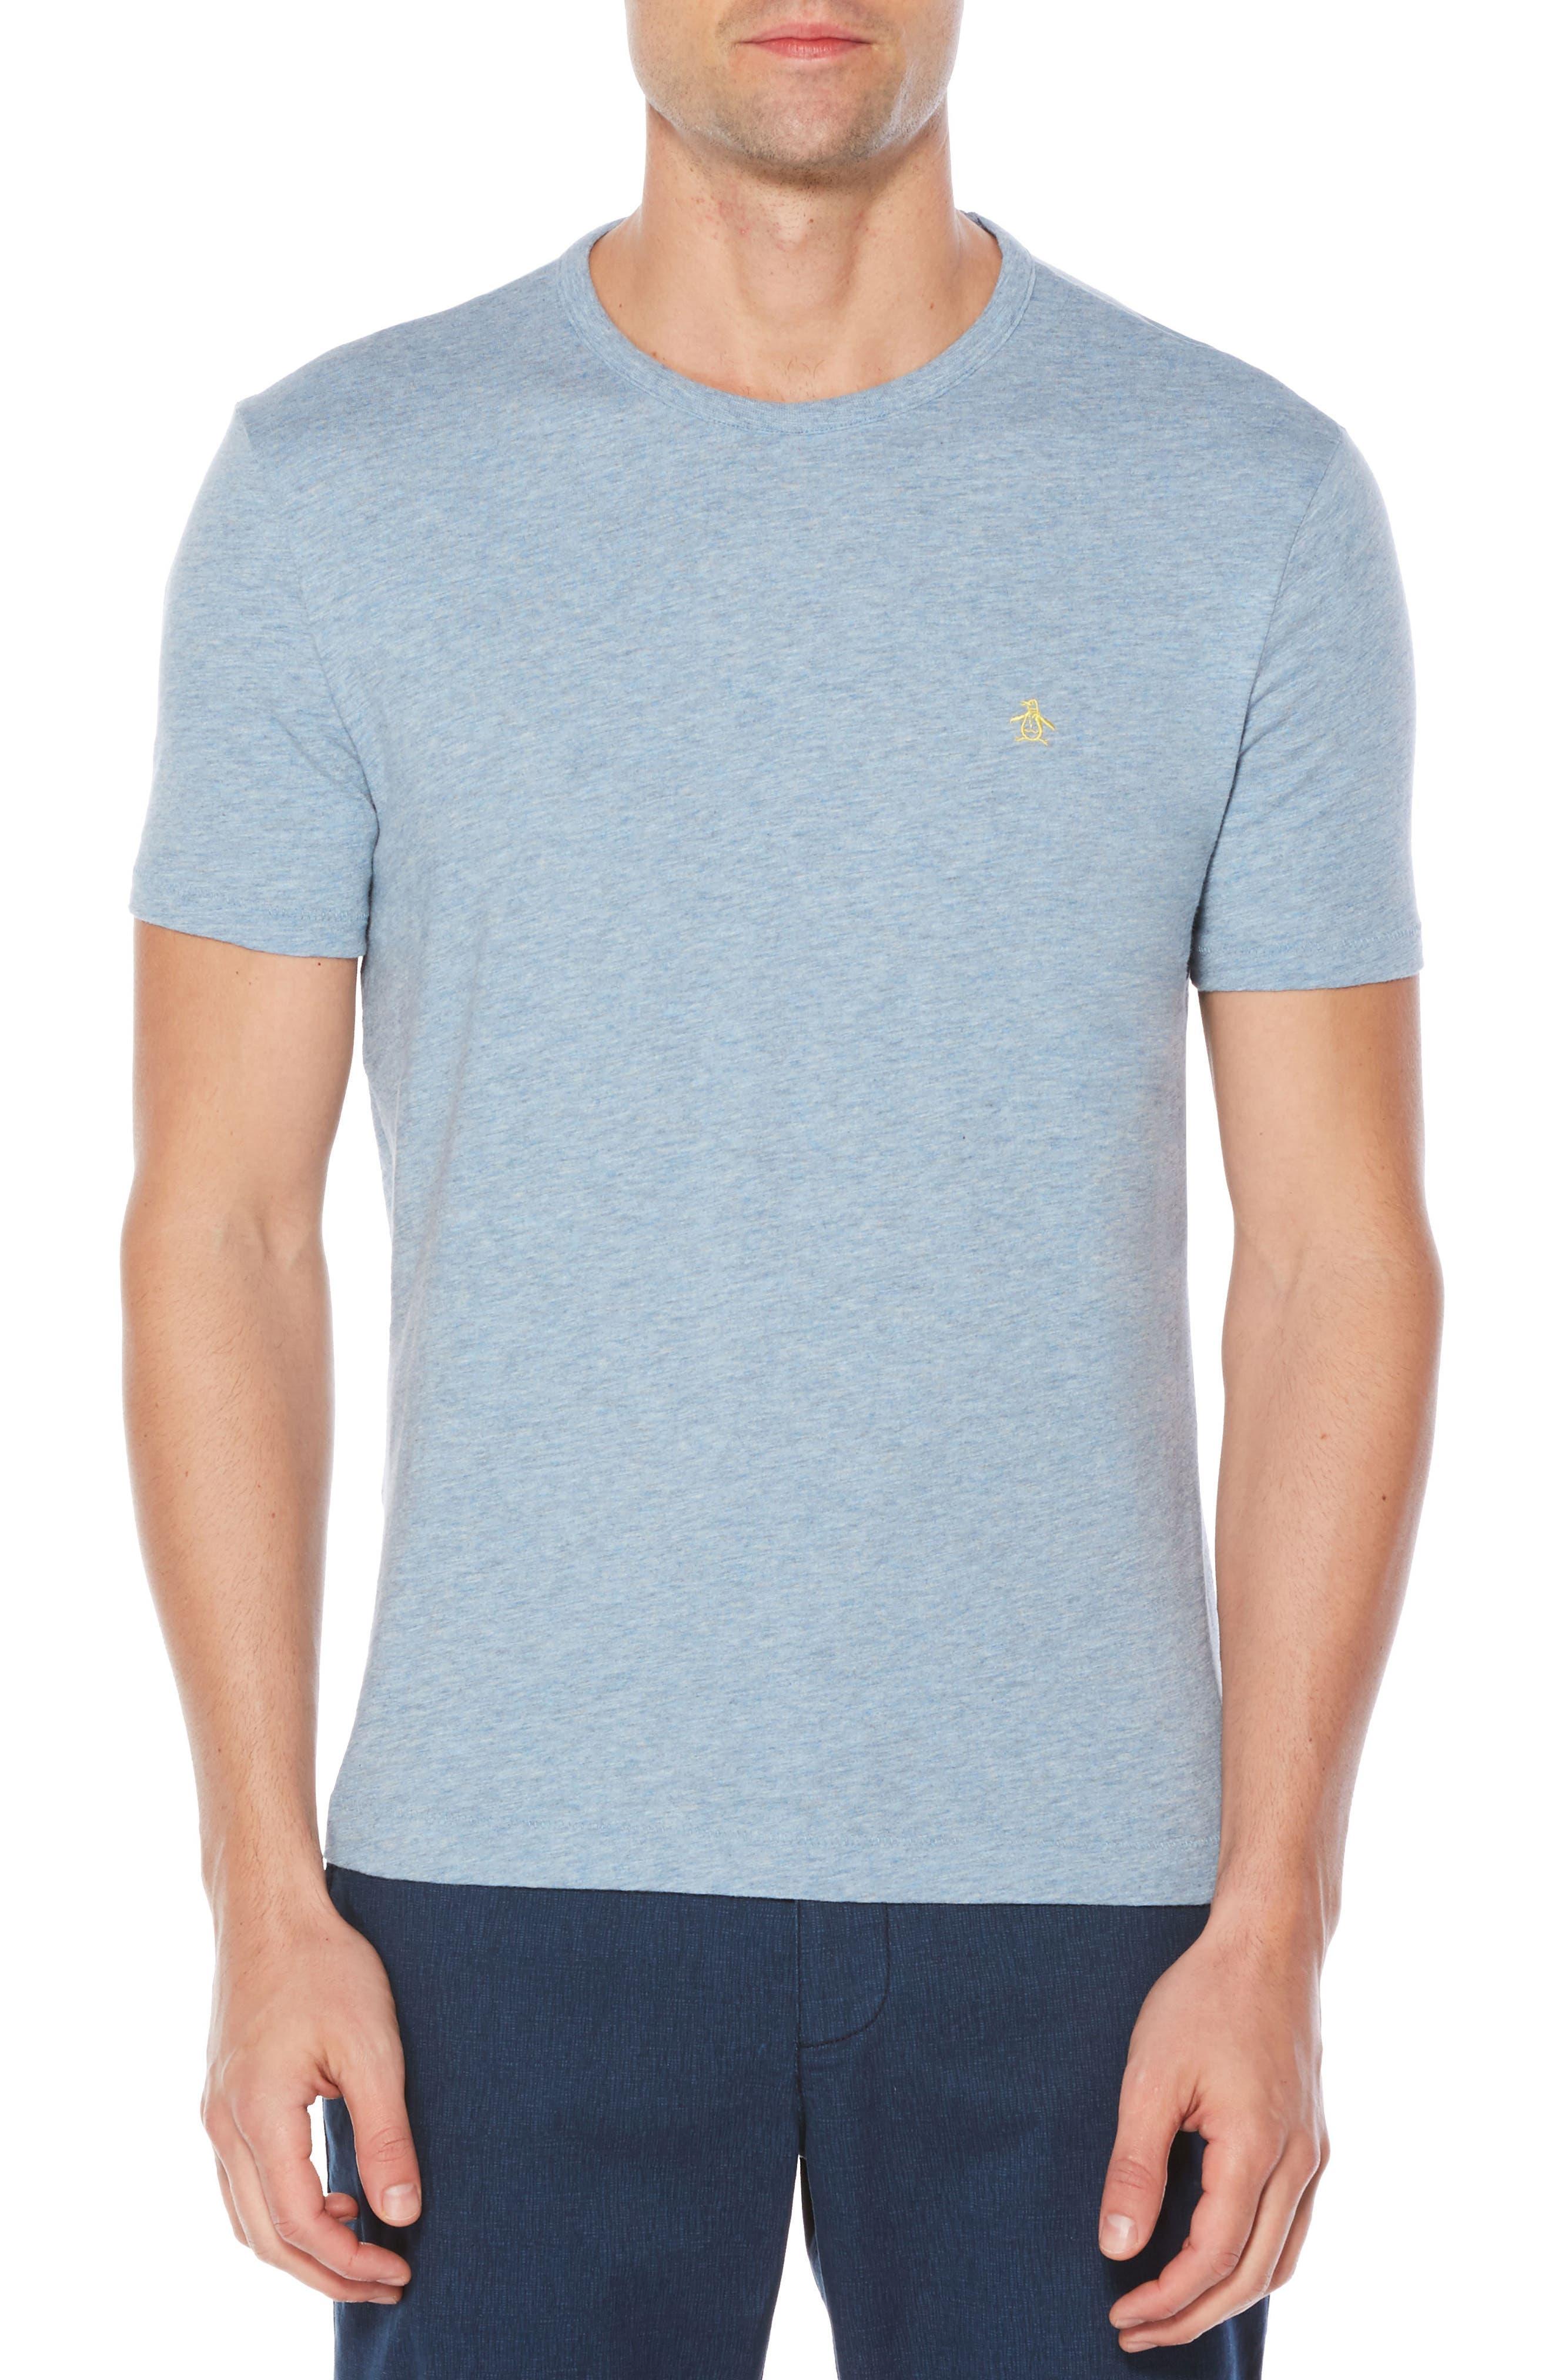 Main Image - Original Penguin Slub Cotton T-Shirt